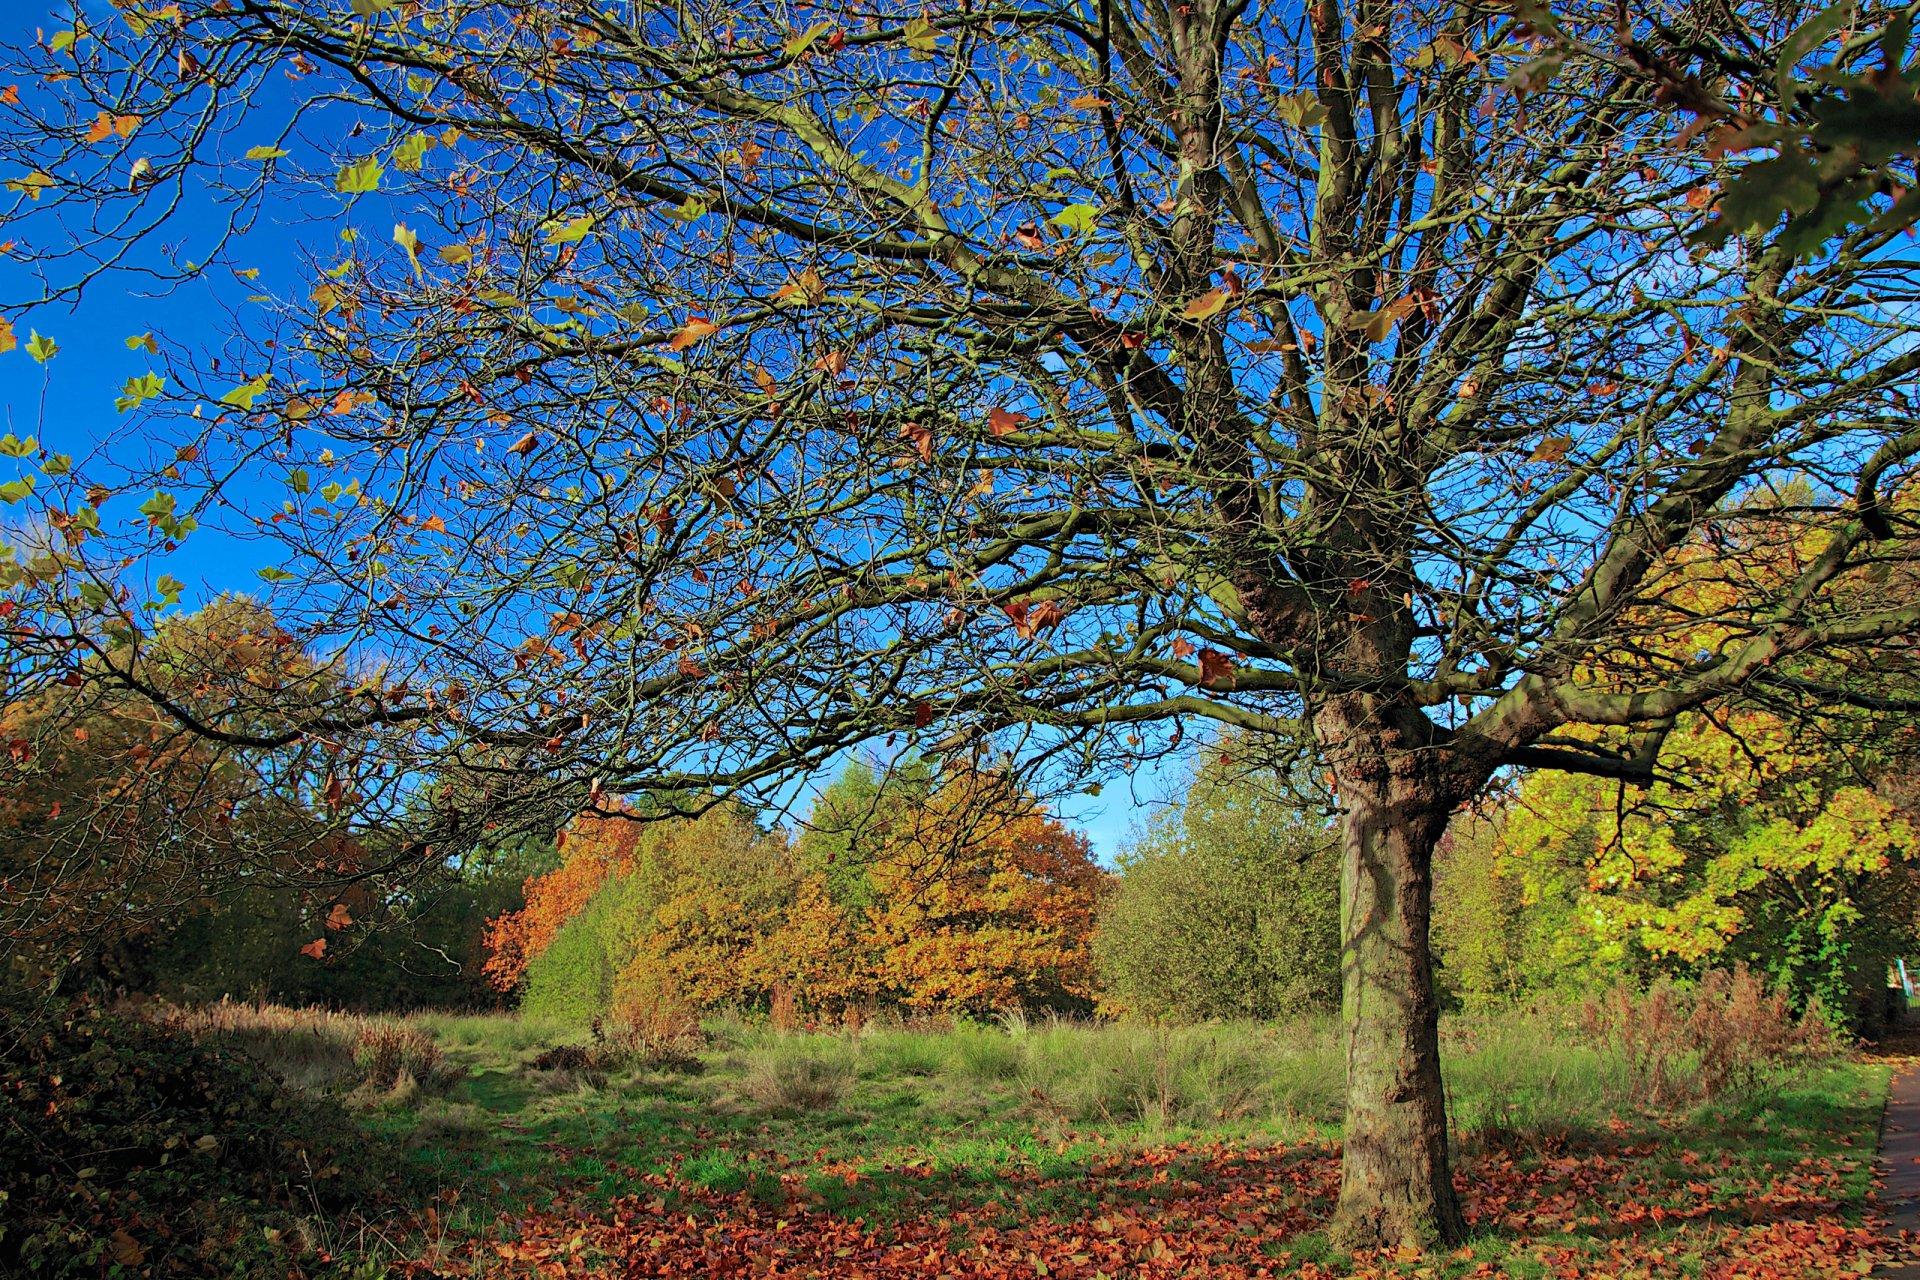 любимых деревья с опавшей листвой картинки поздравительных плакатов день